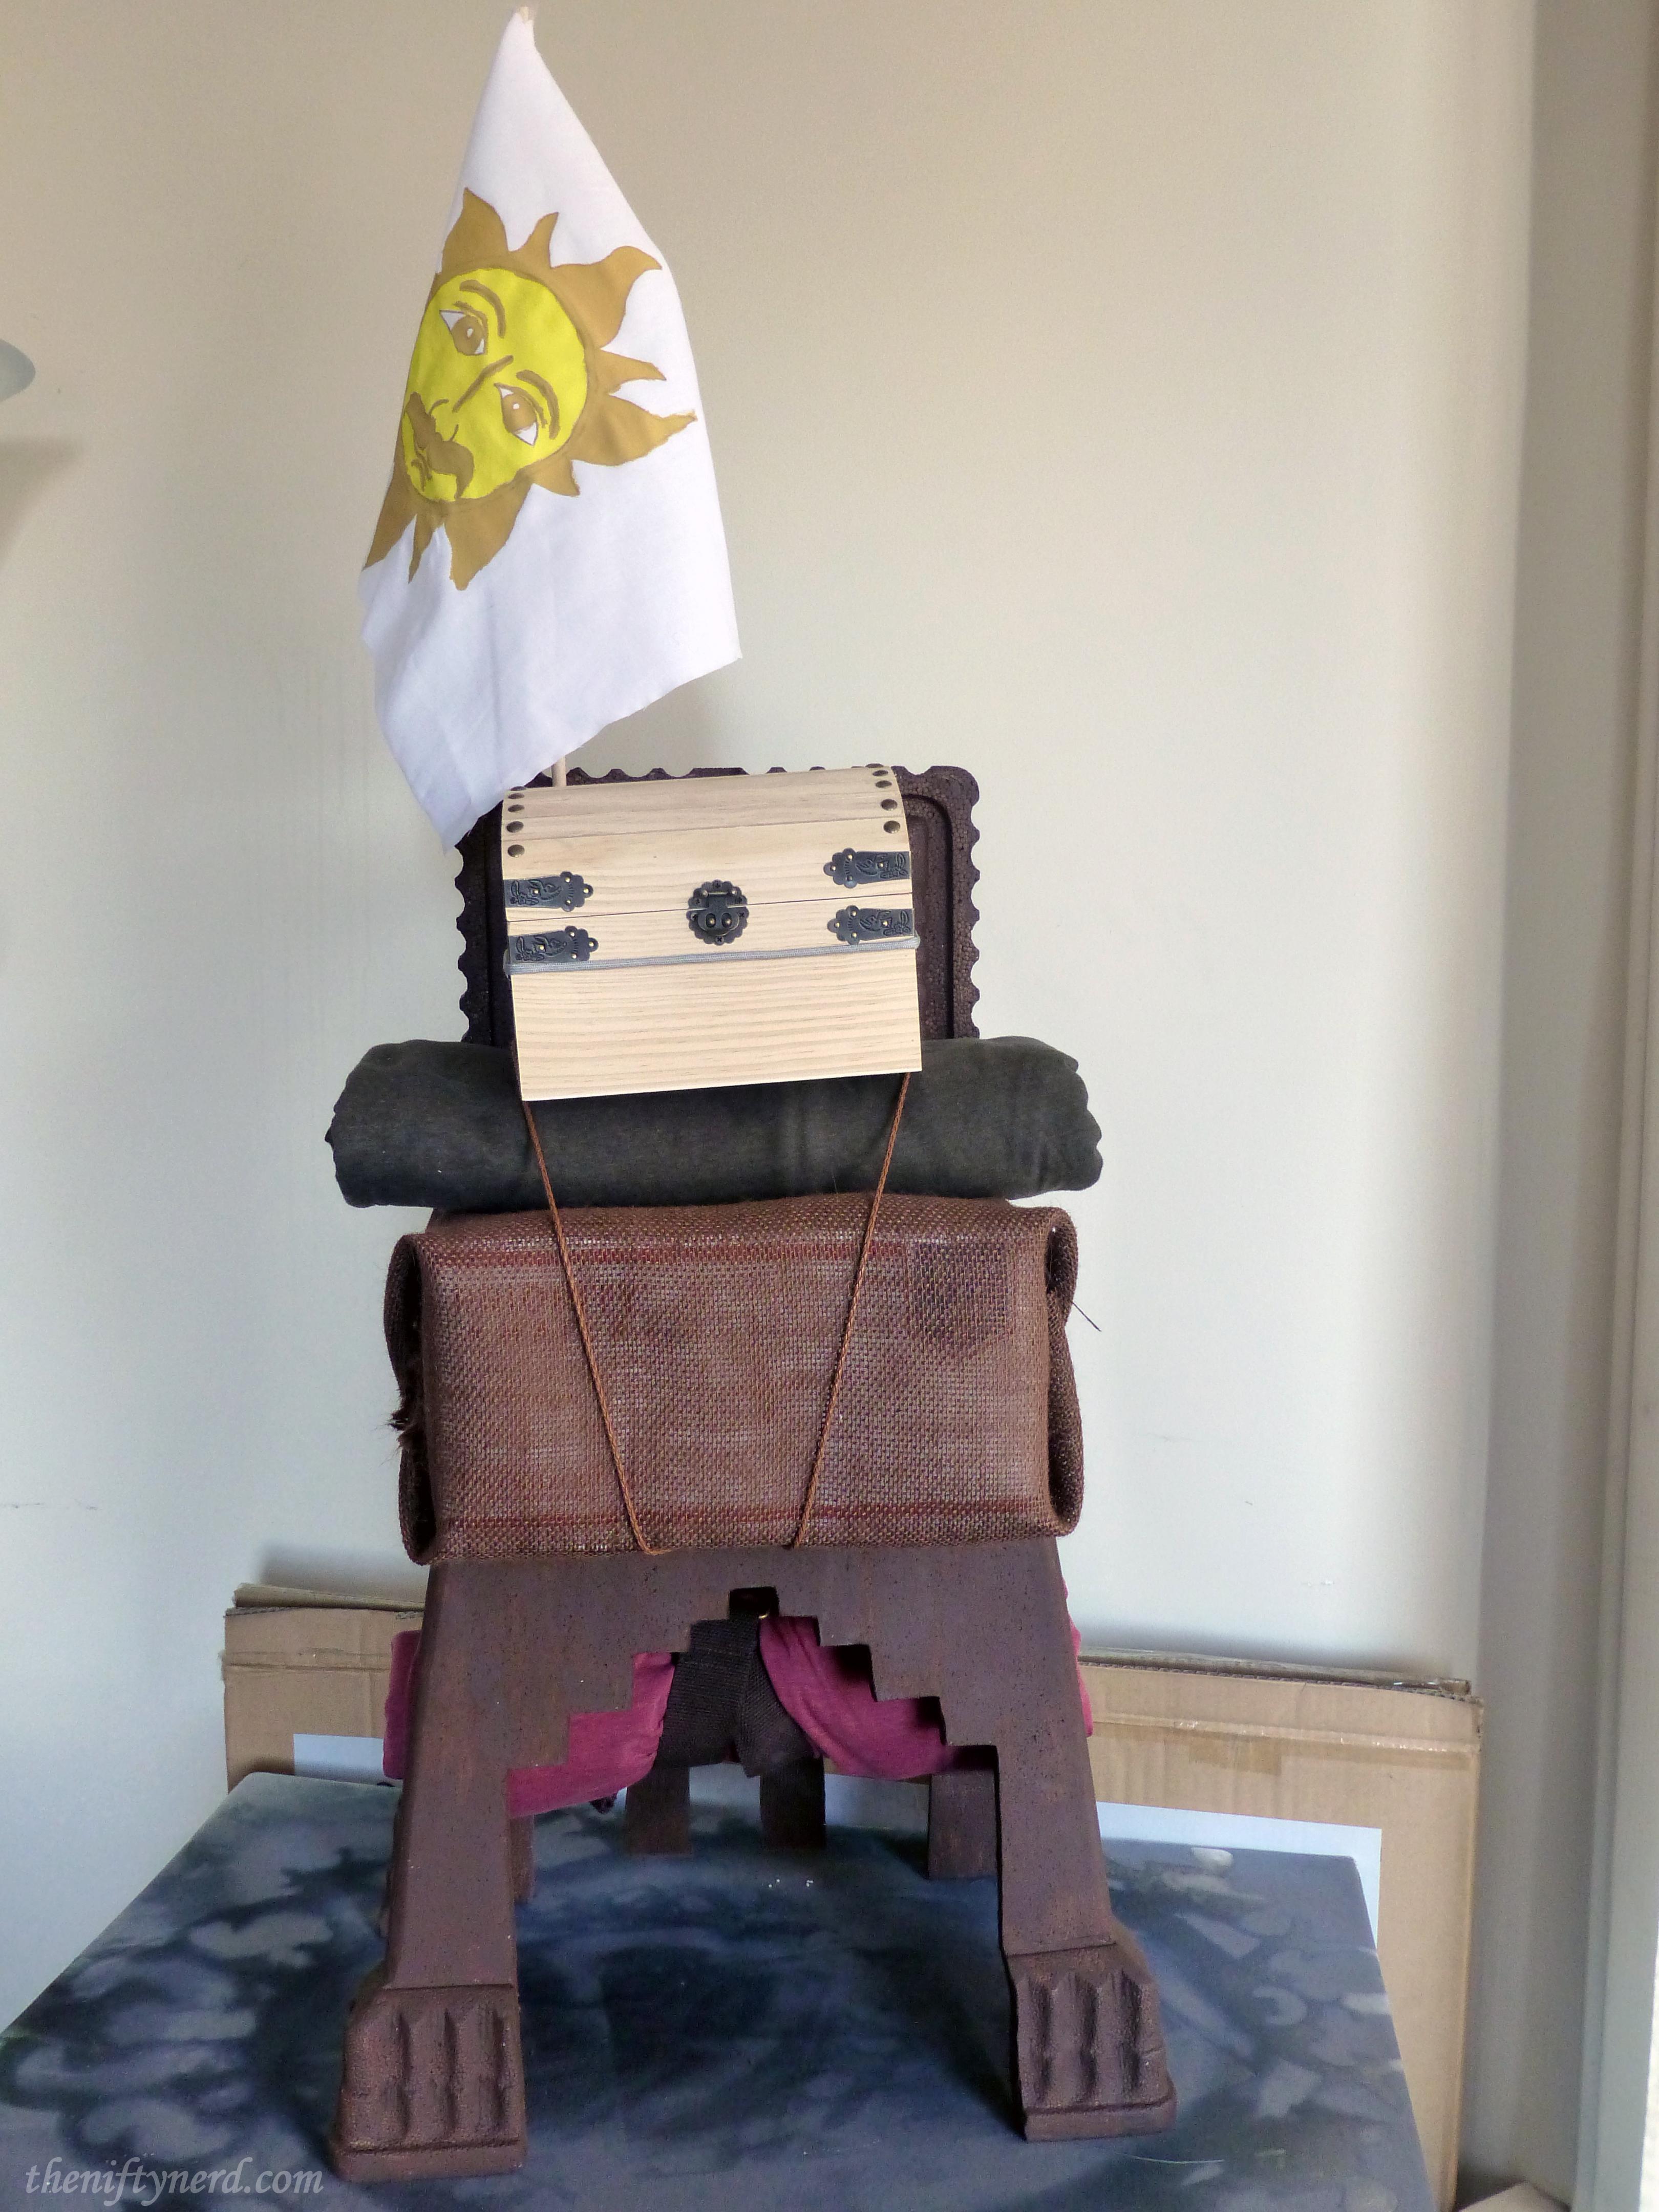 Monty Python Patsy's backpack